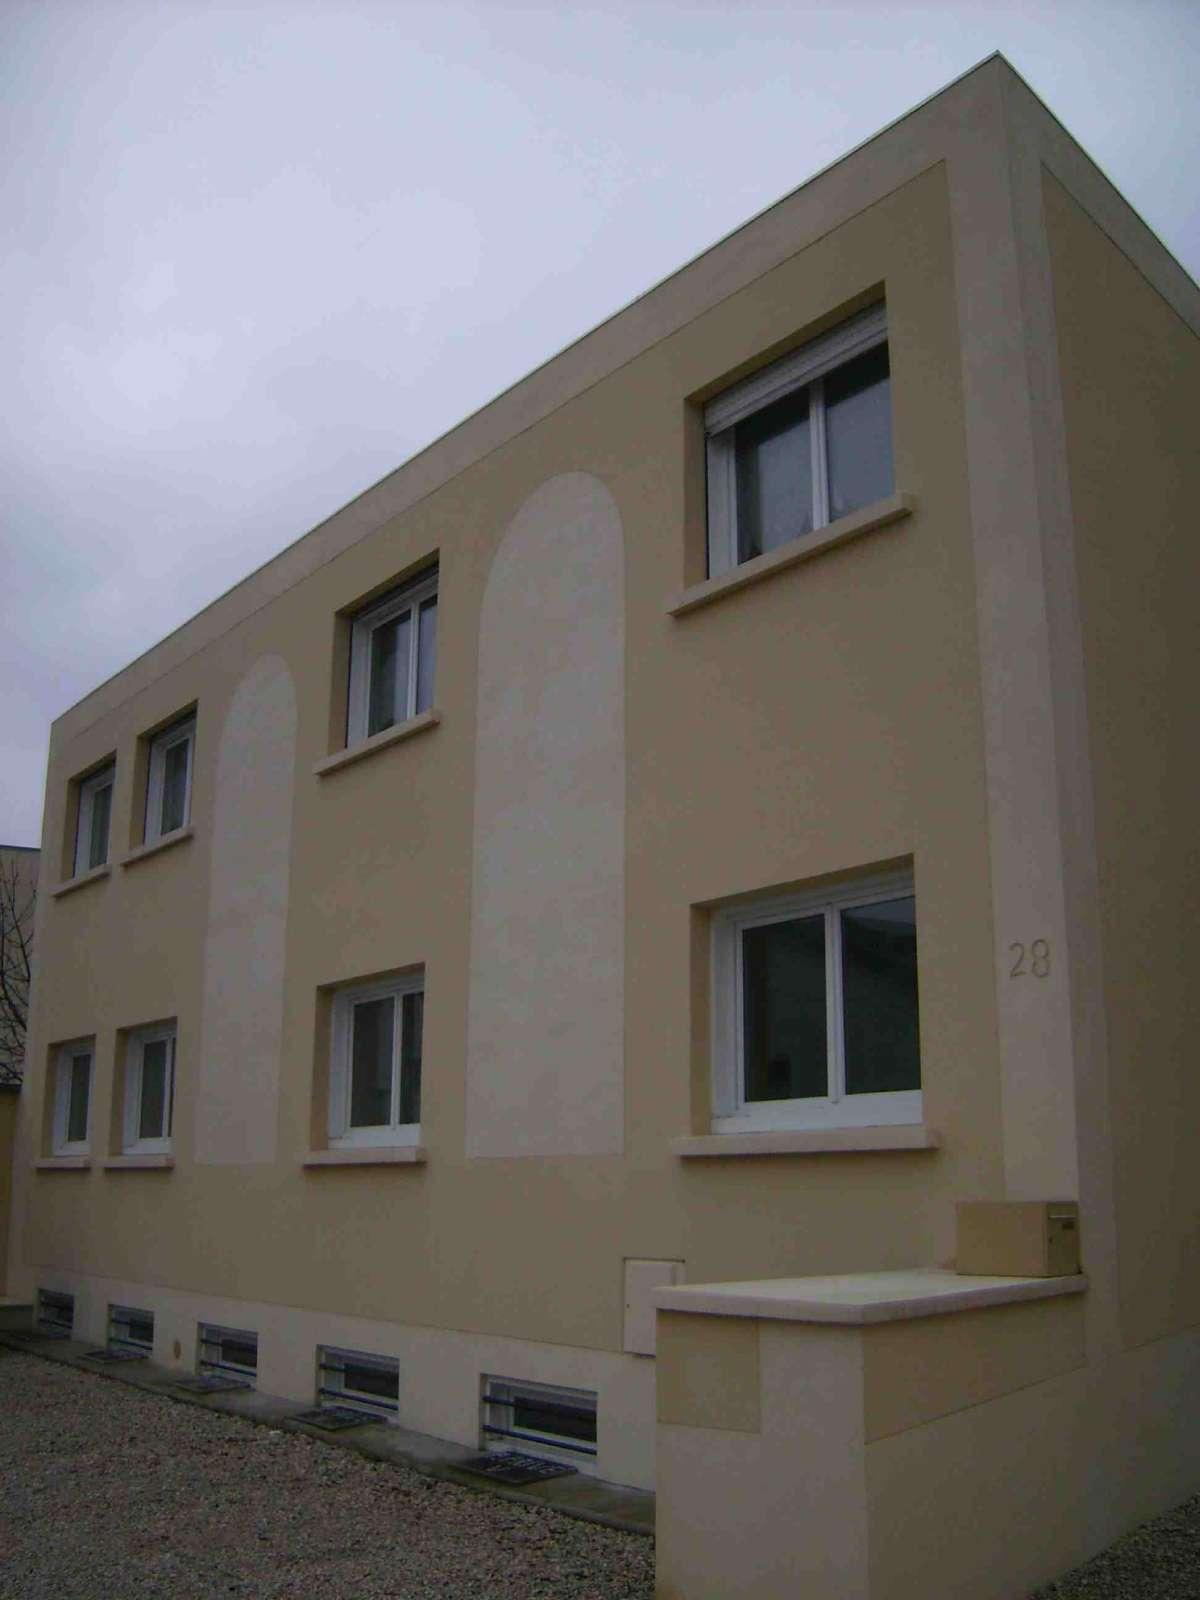 Vente immeuble de rapport 77 seine et marne investisseur for Appartement atypique seine et marne